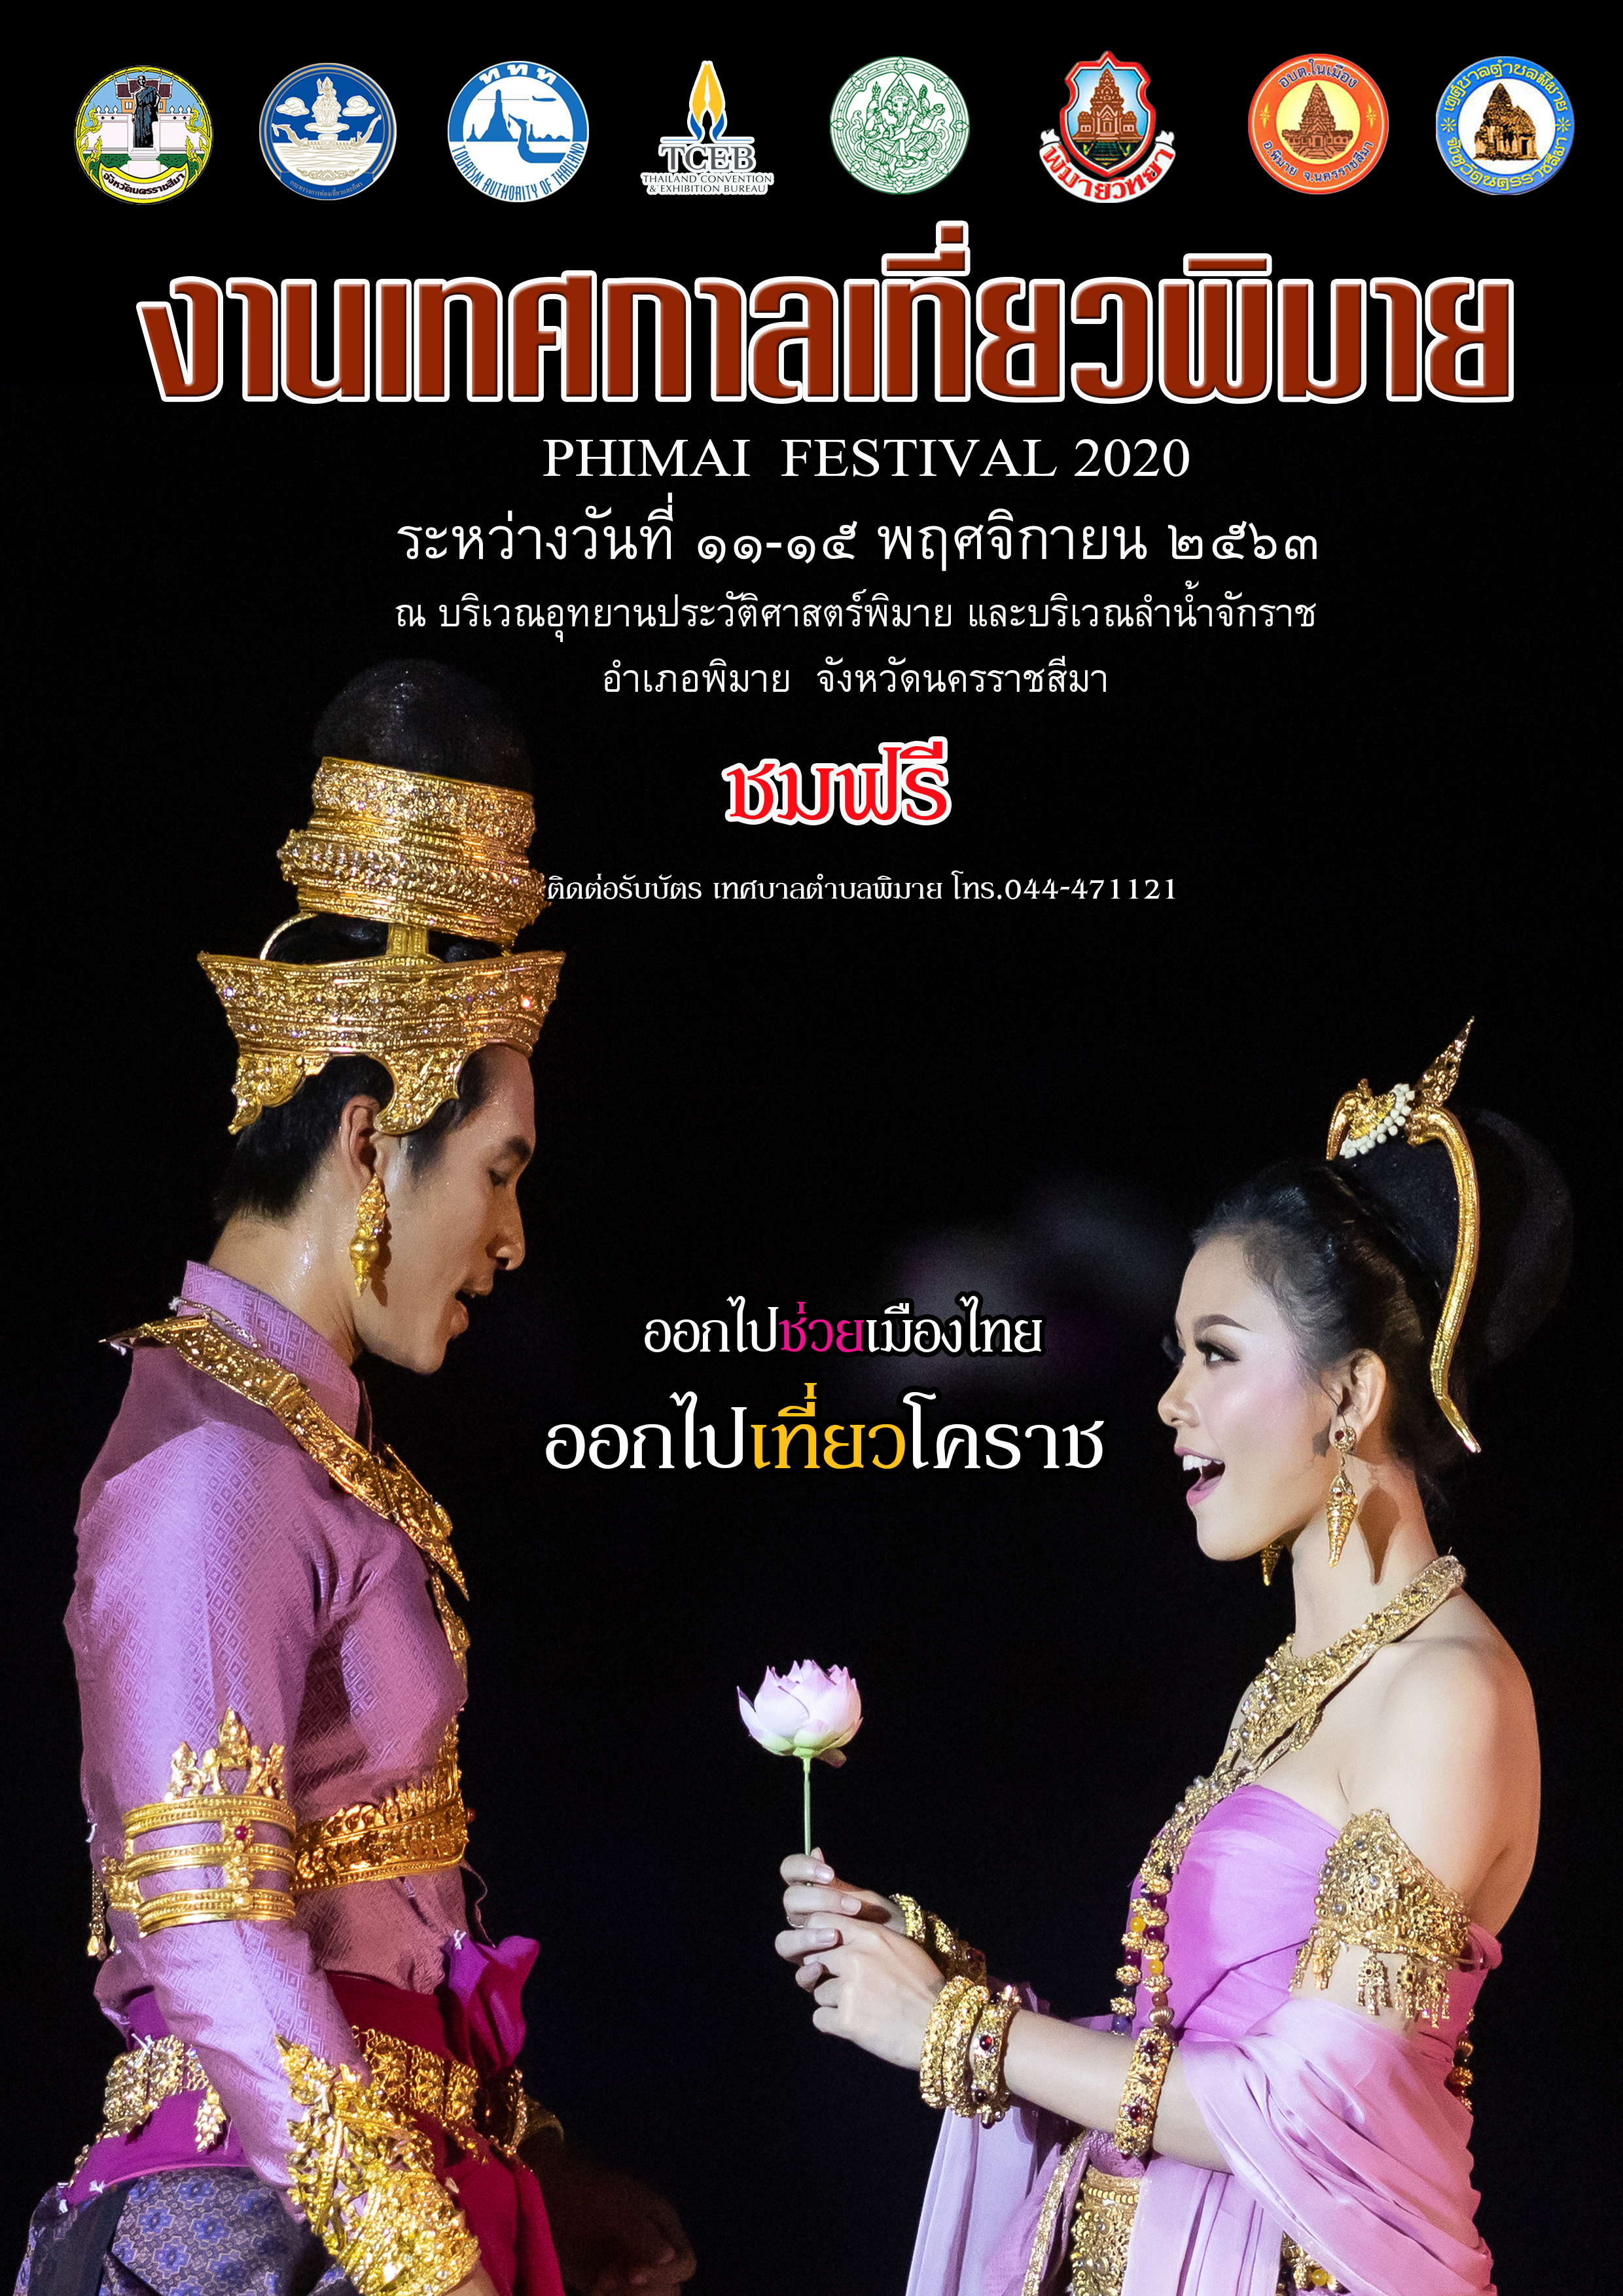 Phimai festival 2020 ปาจิต อรพิม อโรคยา musical เที่ยวพิมาย 2563 เที่ยวโคราช เที่ยวนครราชสีมา ททท. การท่องเที่ยวแห่งประเทศไทย pira story ปราสาทหินพิมาย เที่ยวตลาดโบราณย้อนยุค ผัดหมี่โคราช หมี่พิมาย ยำเหมือด ขนมจีนเหมือด ยำขนมจีน ขนมตาลเม็ด อาหารท้องถิ่น อาหารพื้นถิ่น อาหารขึ้นชื่อ อาหารโคราช